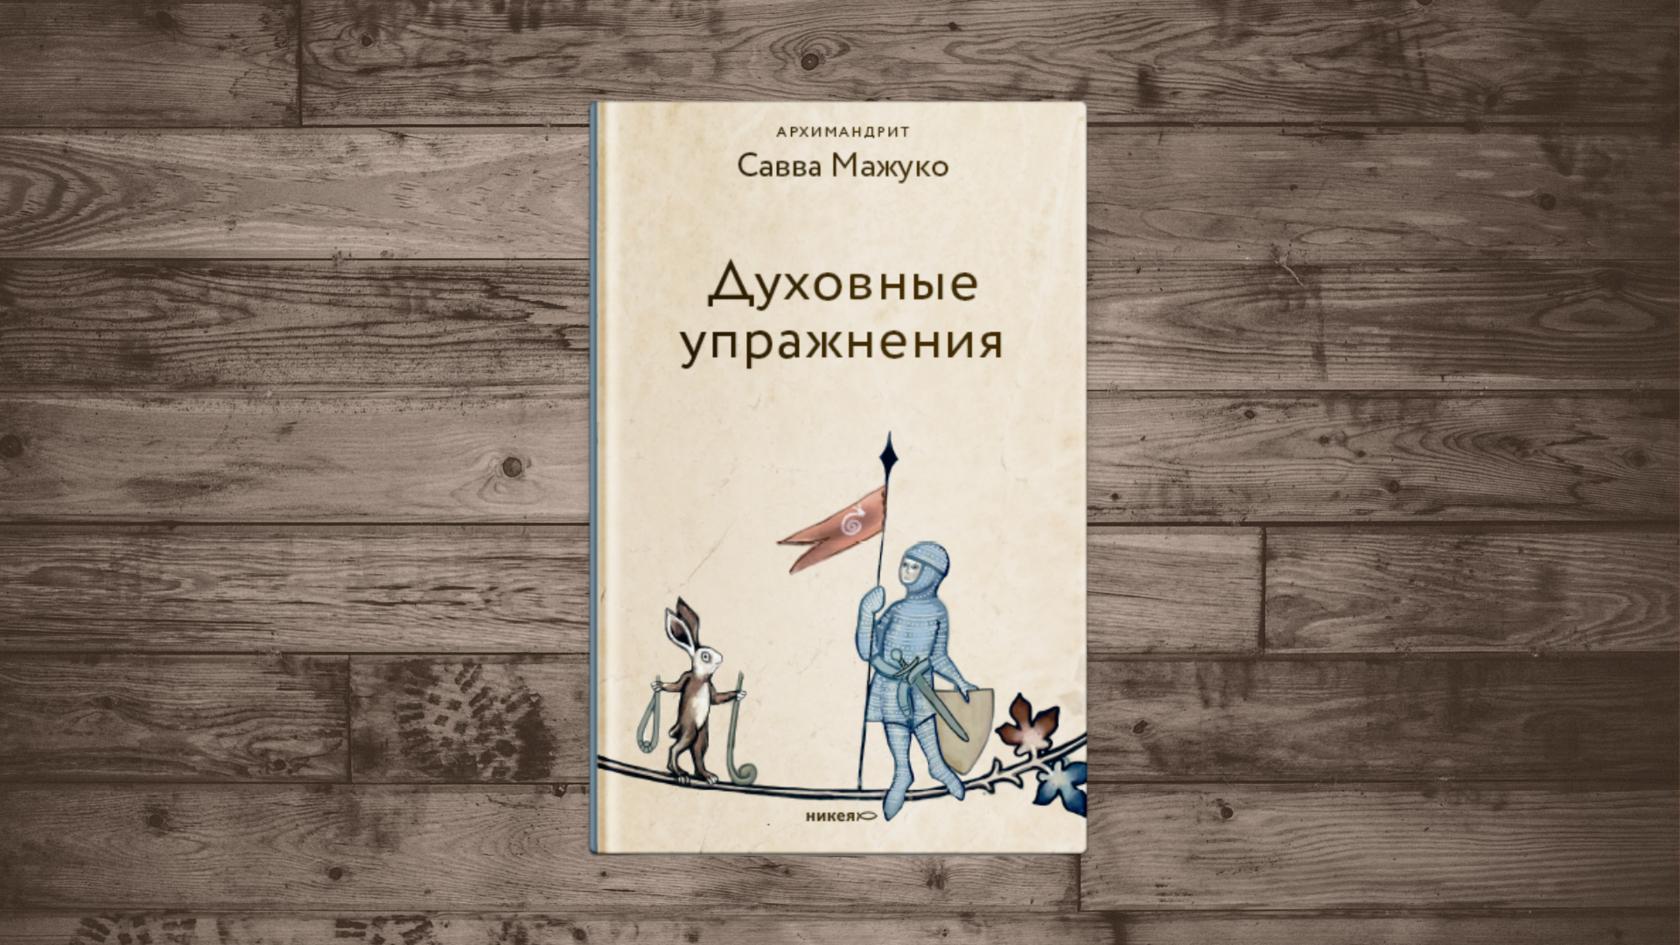 Купить книгу Архимандрит Савва (Мажуко) «Духовные упражнения»  Никея 978-5-91761-953-8